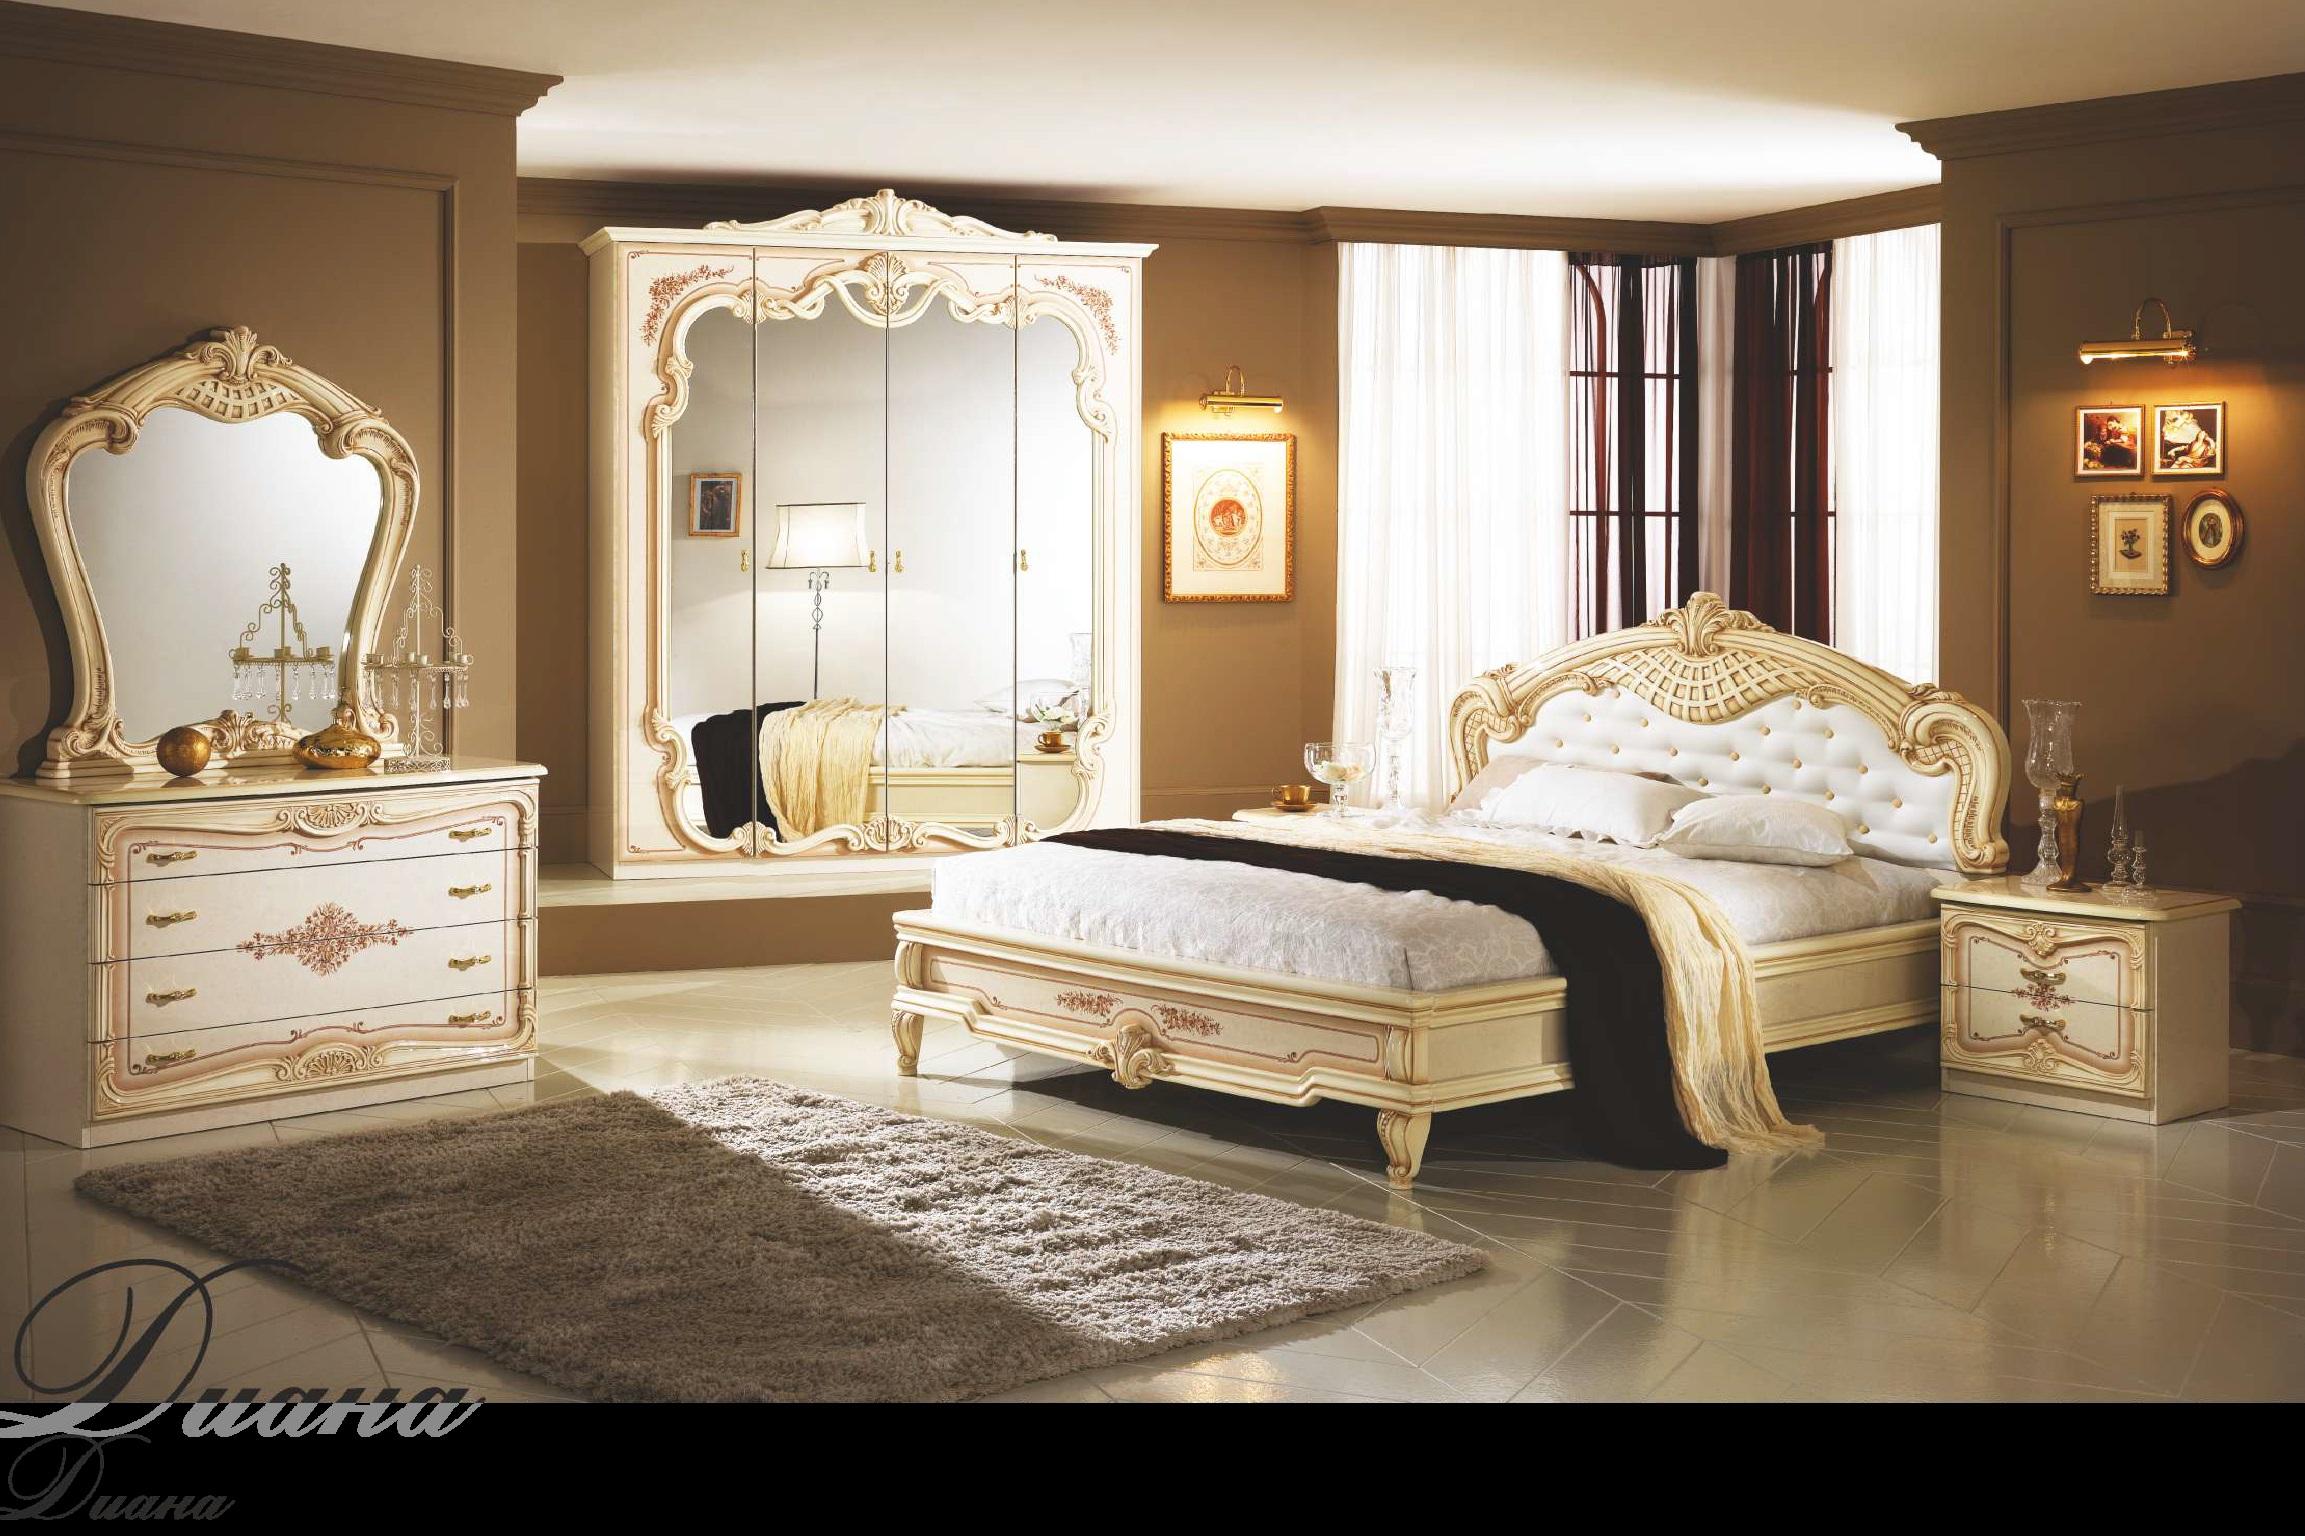 Кровать Диана - фото